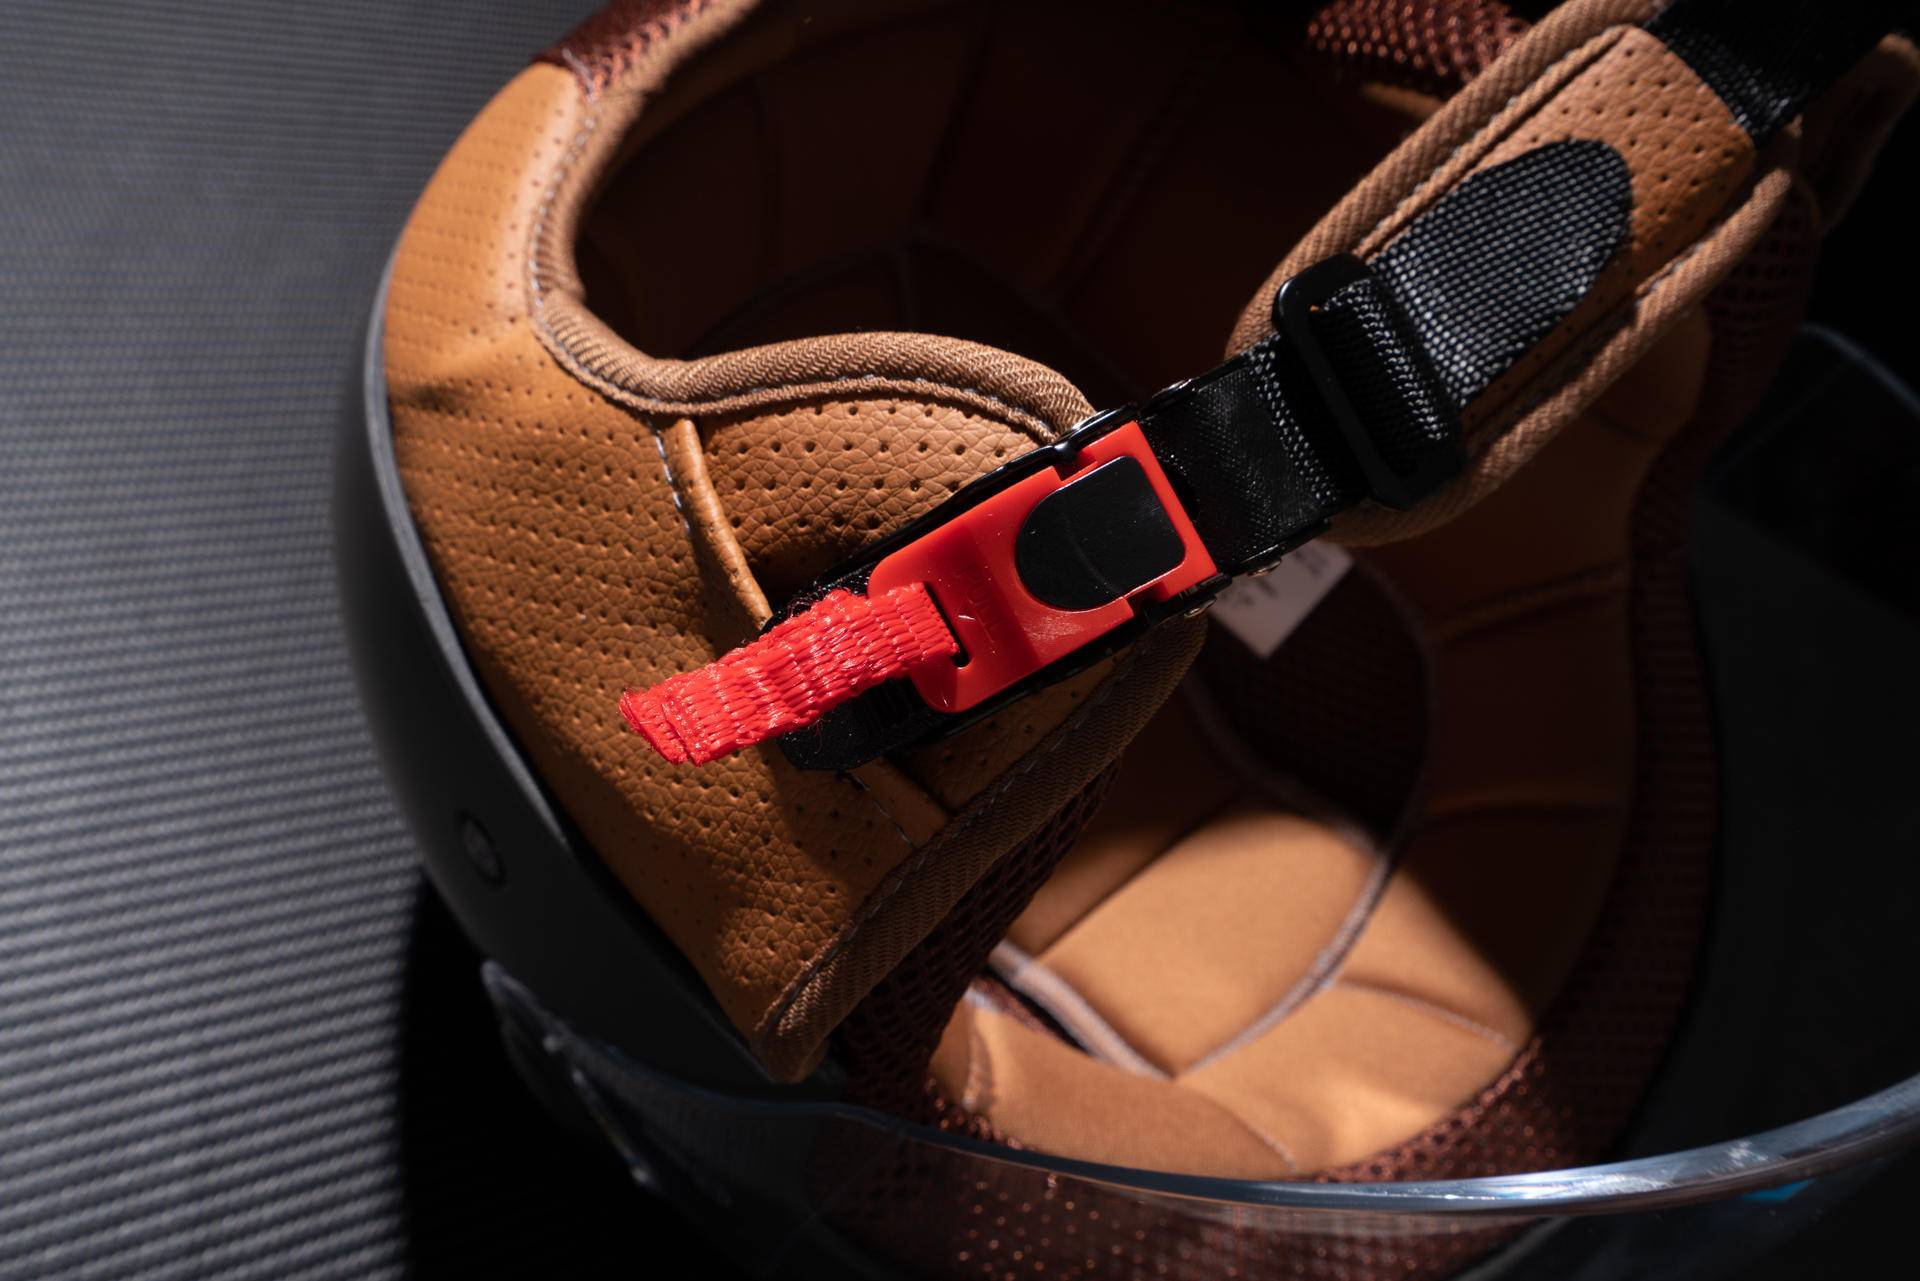 更安全实用,更舒适耐用的安全装备-Smart4u骑士复古头盔